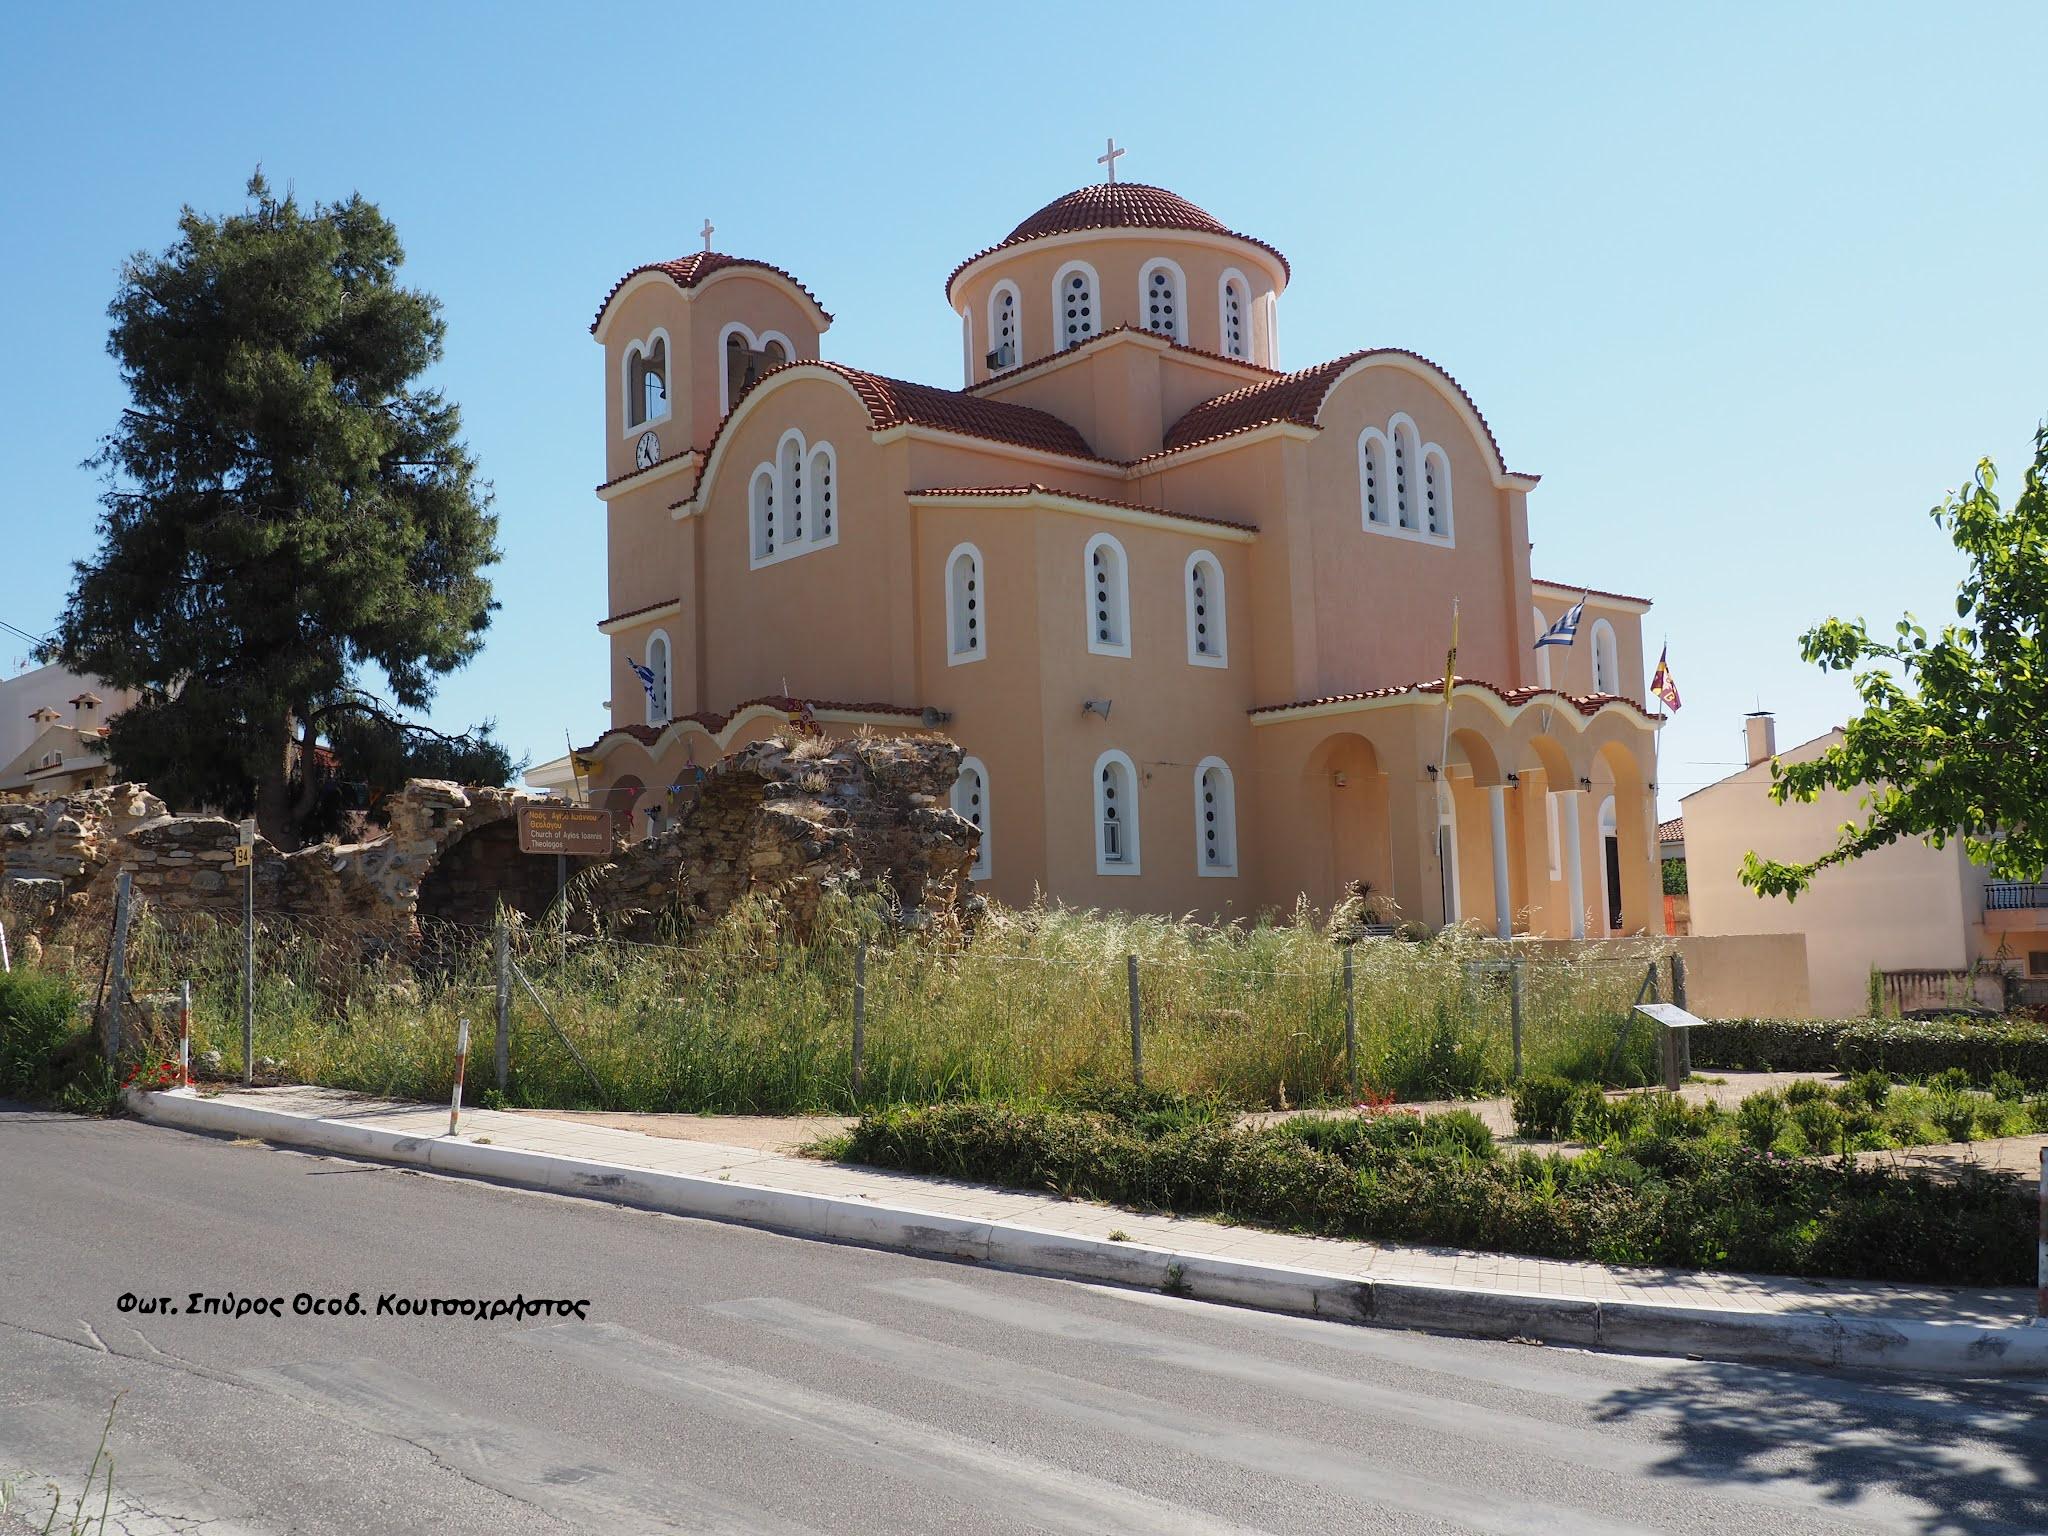 Για τους Ηπειρώτες στον Γέρακα Αττικής ….Πανηγυρίζει 25 & 26 Σεπτεμβρίου ο Ιερός Ναός Αγίου Ιωάννου Θεολόγου